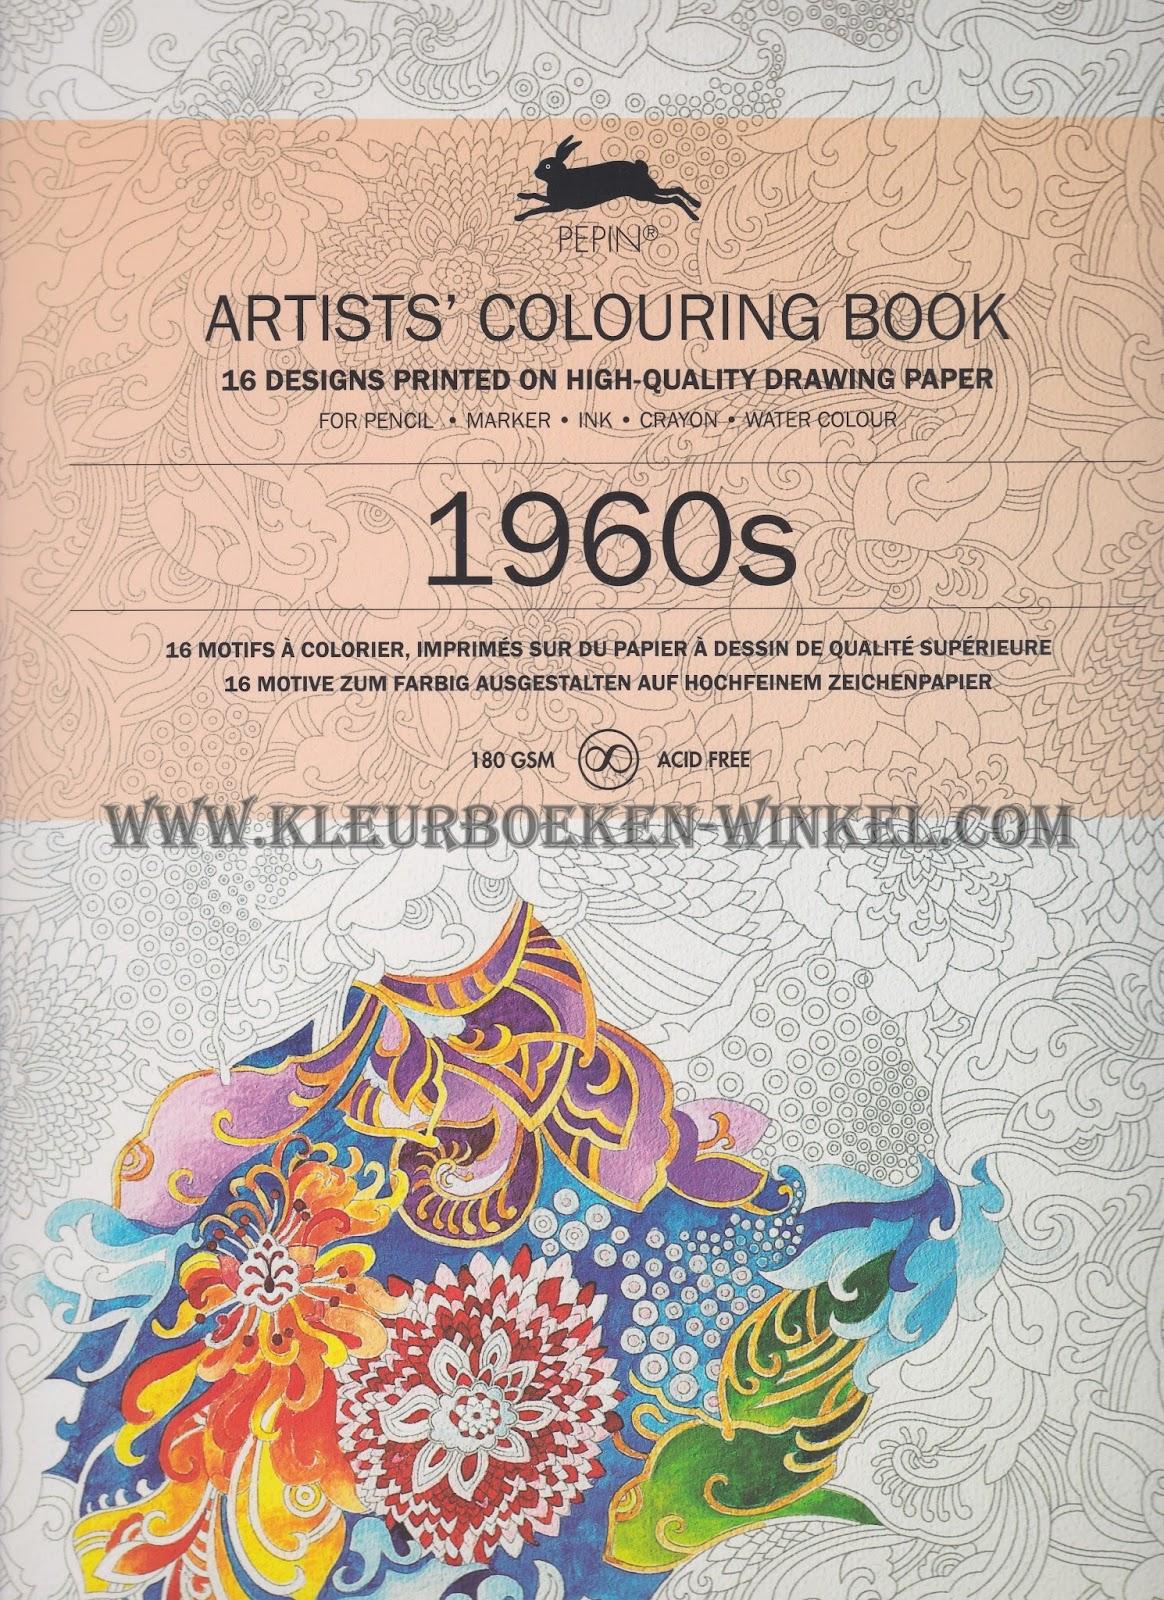 kleurboeken voor volwassenen, 200 titels, snelle verzending, kleurboek voor volwassenen, lage verzendkosten, kleurboeken,  kleurboeken, kleurboeken met voorbeelden, kleurboeken verzending met PostNL, kleurboek senioren,kwaliteitskleurboeken, kwaliteit kleurboeken